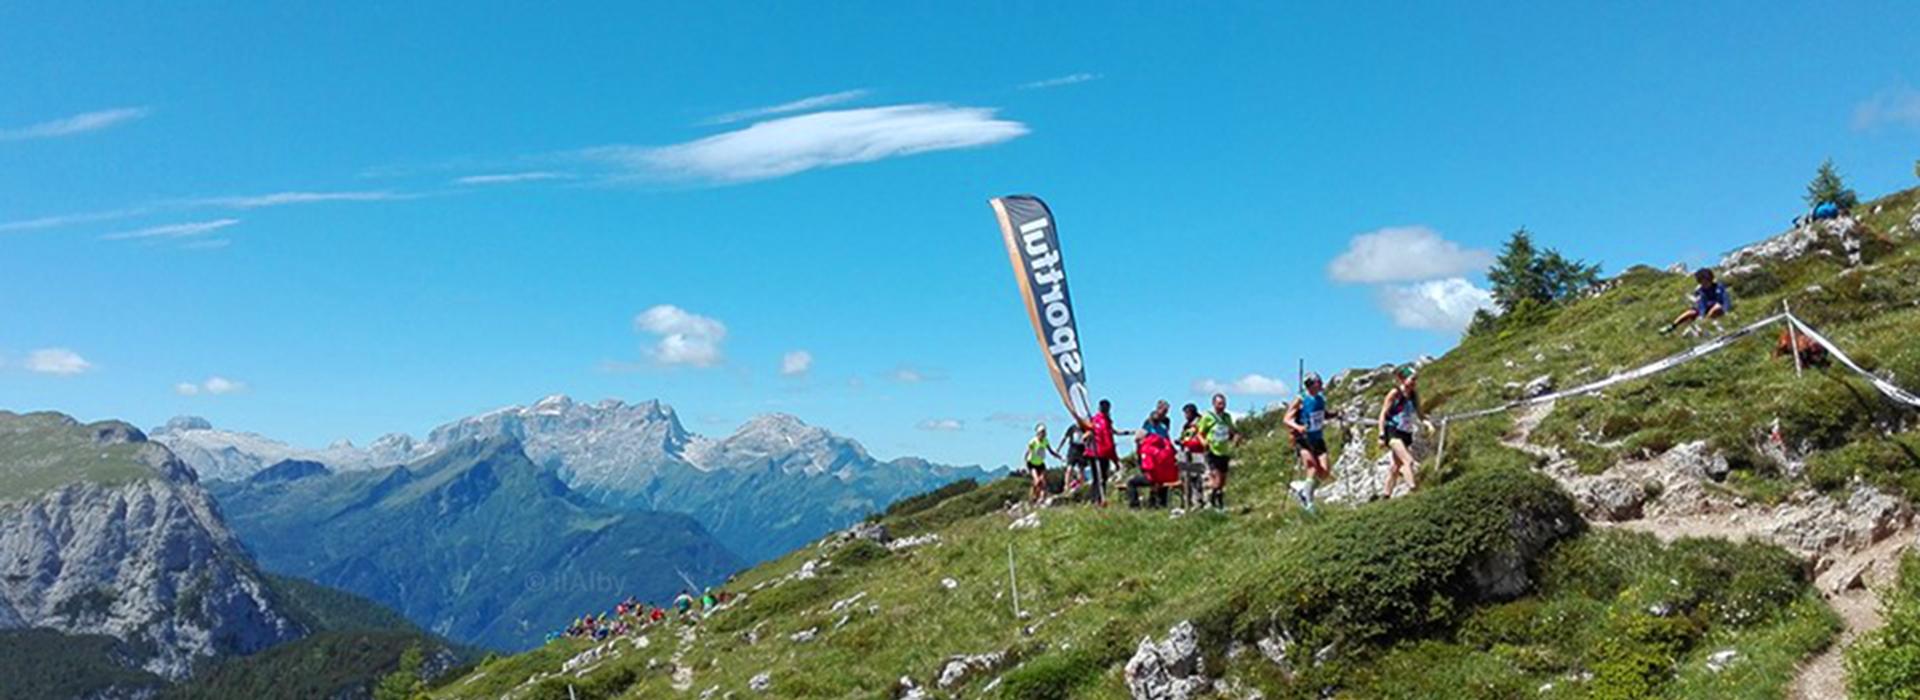 Transcivetta 2016: corsa in montagna a coppie